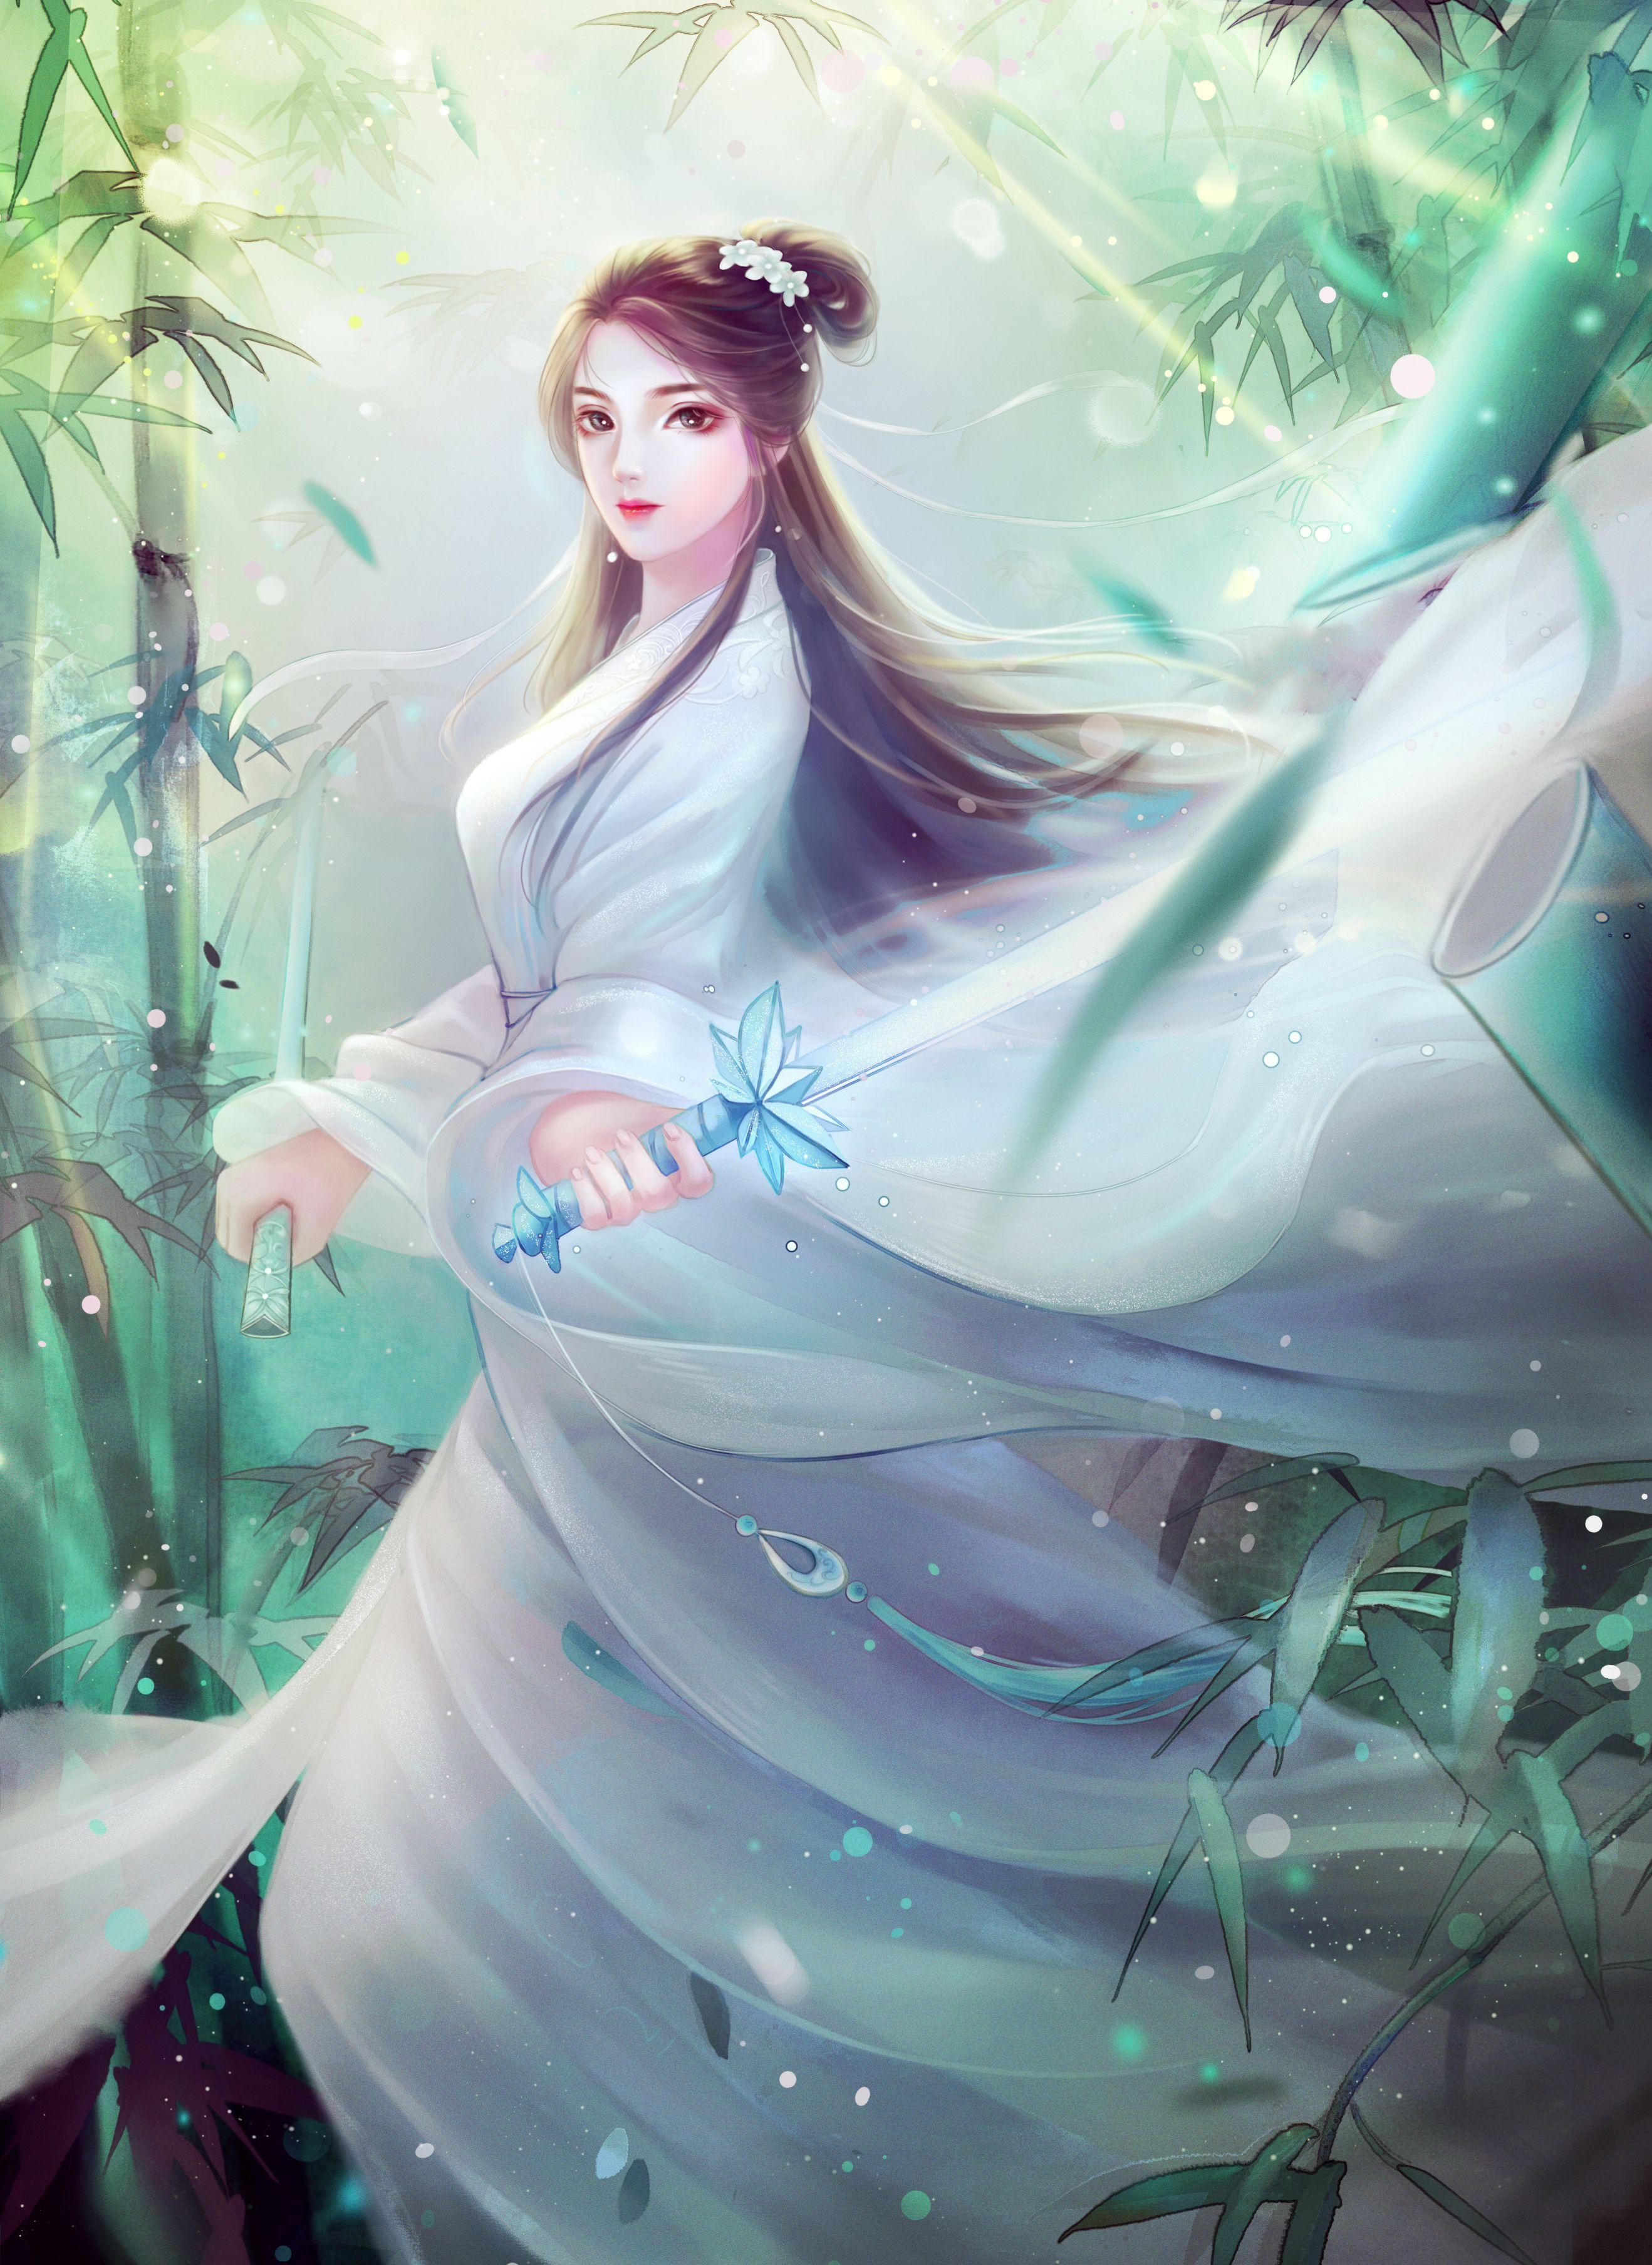 Ghim của Chataen trên 诛仙陆雪琪—tru tiên Lục Tuyết Kỳ专属相册